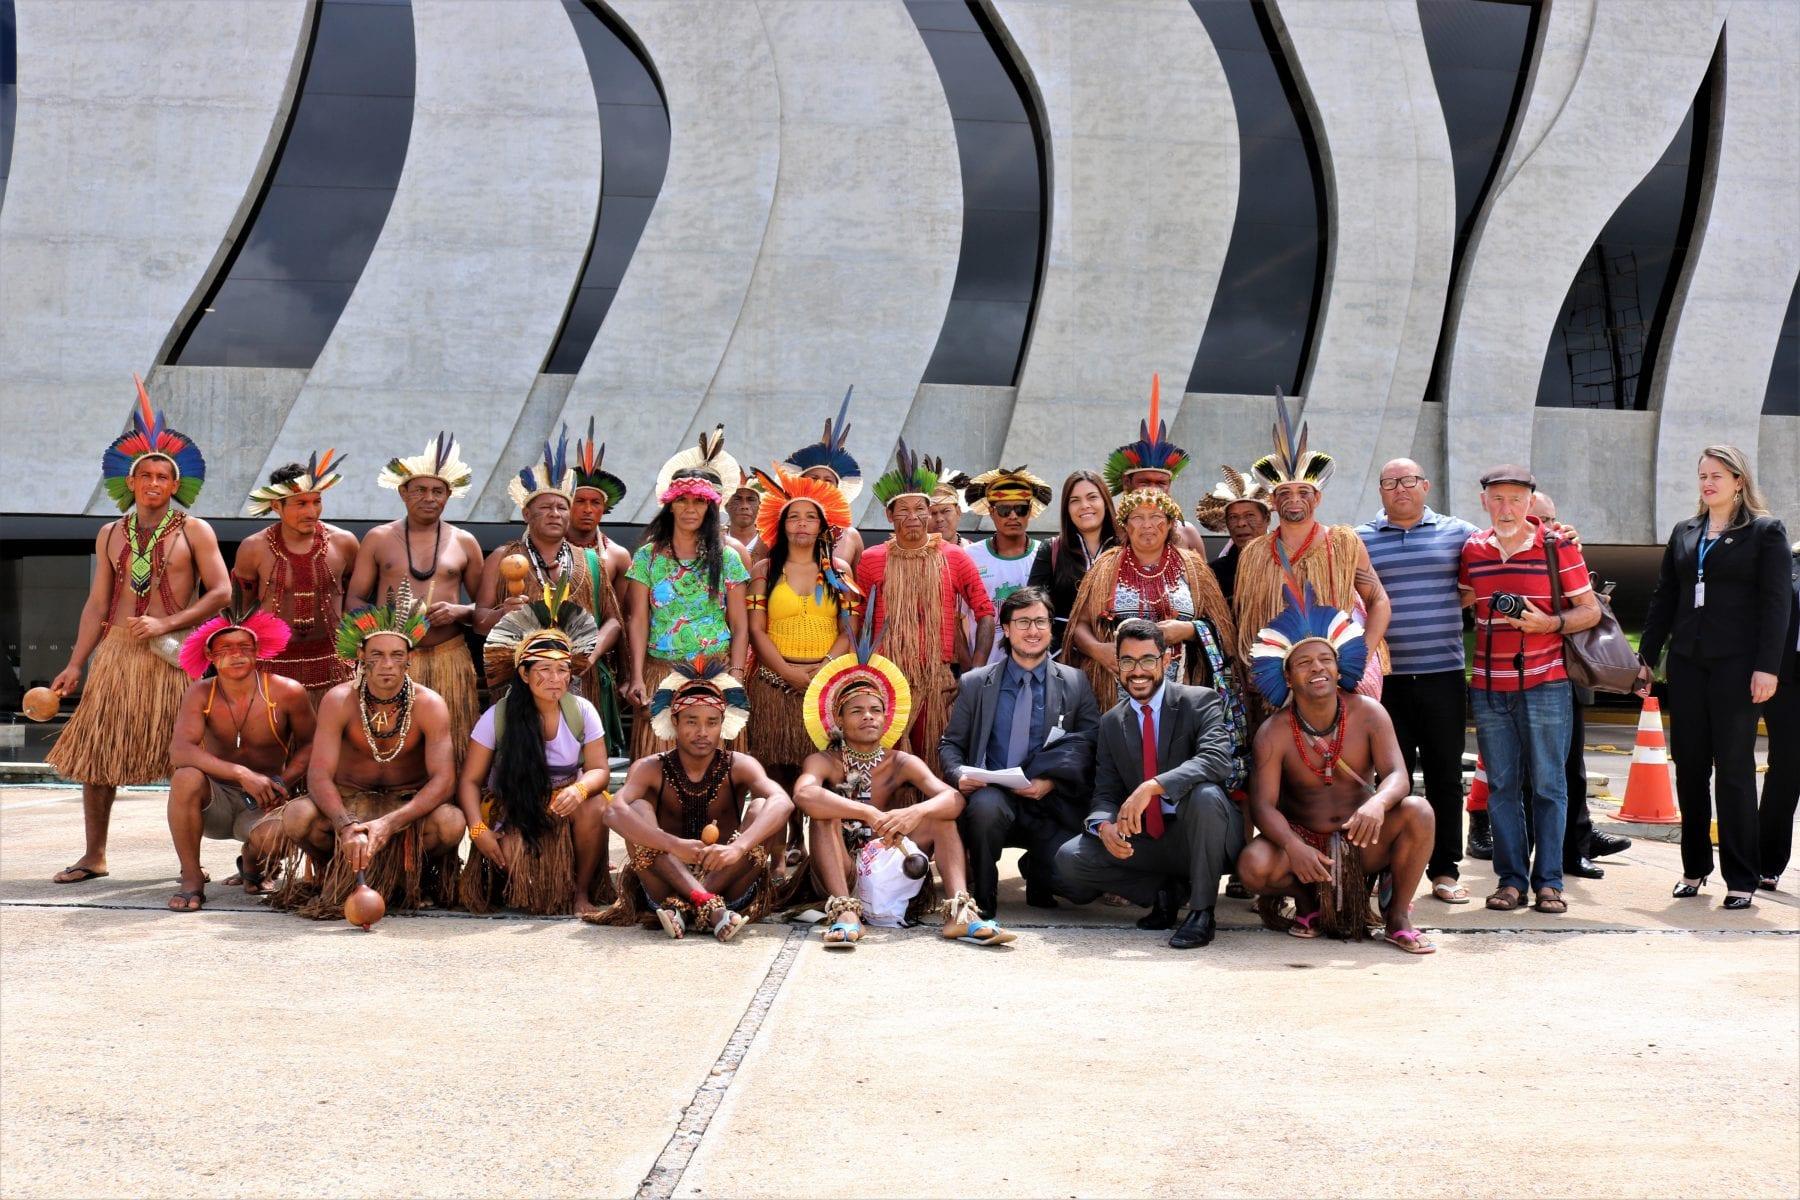 A delegação baiana, que está na capital federal, é composta pelos povos Pataxó, Pataxó Hã-Hã-Hãe, Tupinambá de Olivença e Tupinambá de Belmonte. Foto por Adilvane Spezia, da Ascom/Cimi